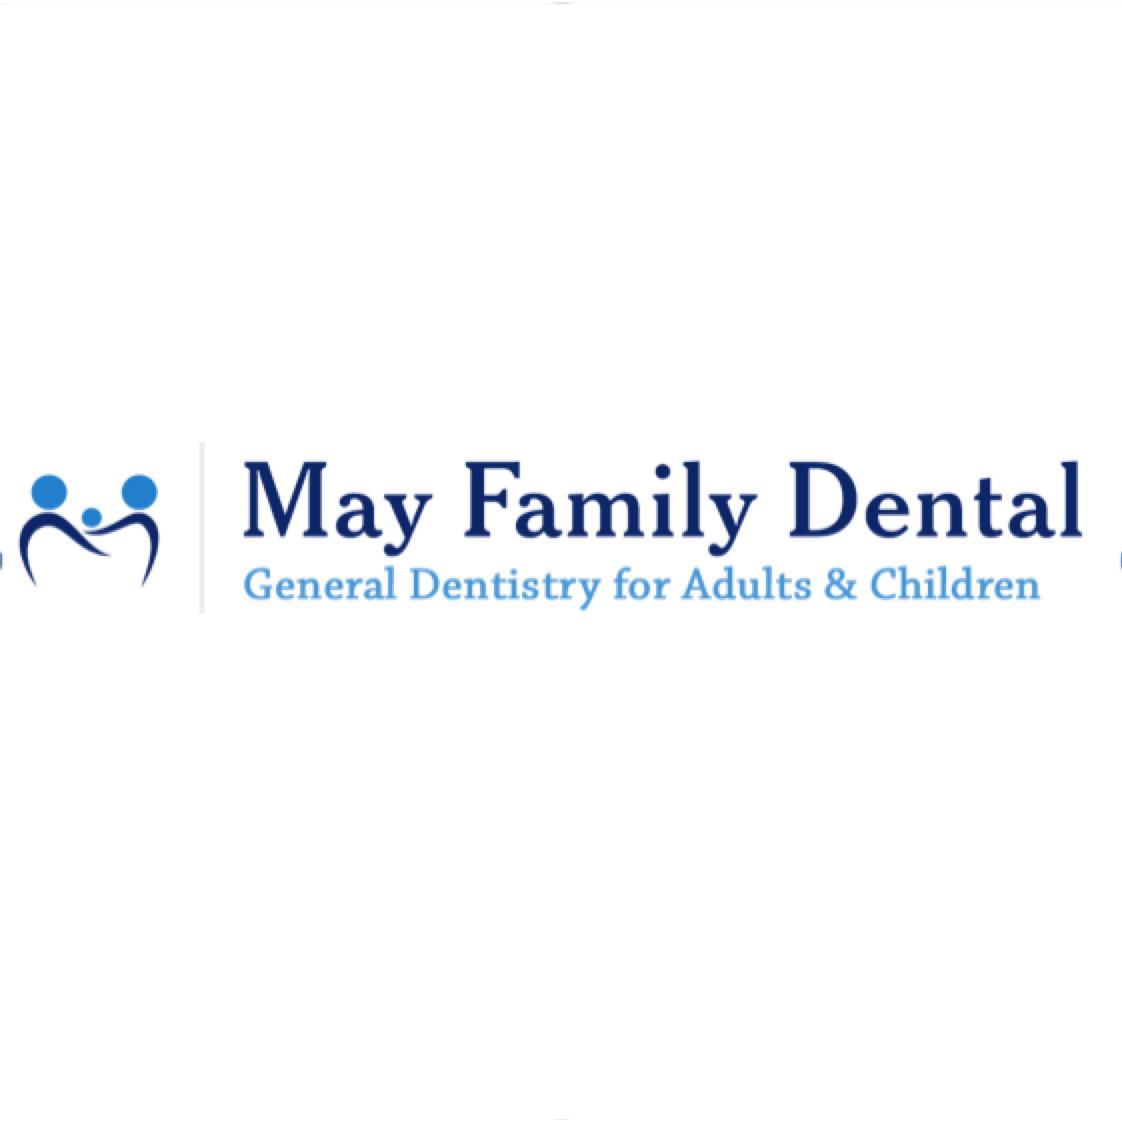 May Family Dental - Zanesville